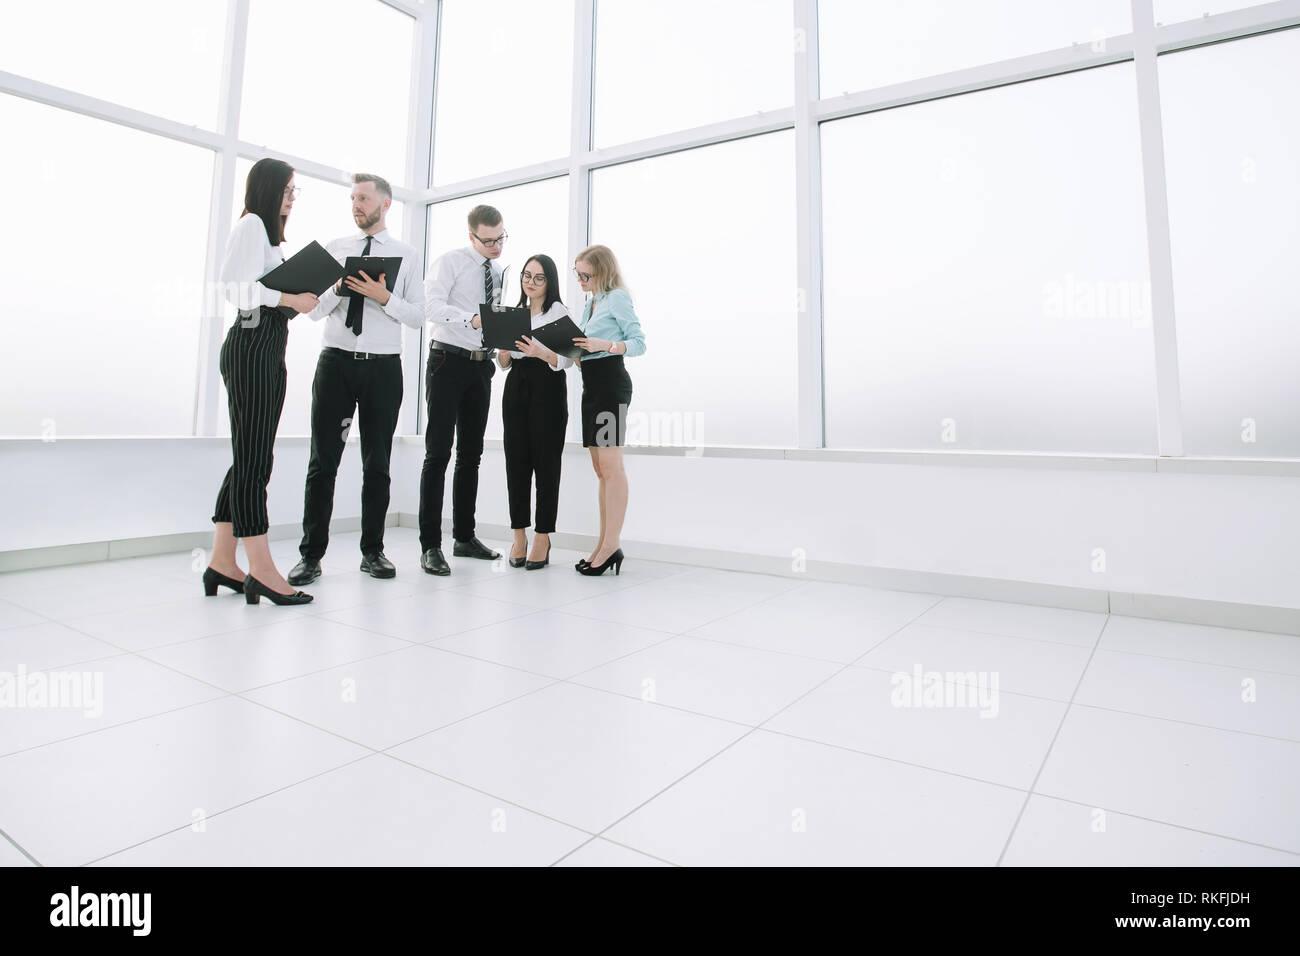 Diskutieren Mitarbeiter geschäftliche Dokumente in der Lobby stehend Stockfoto